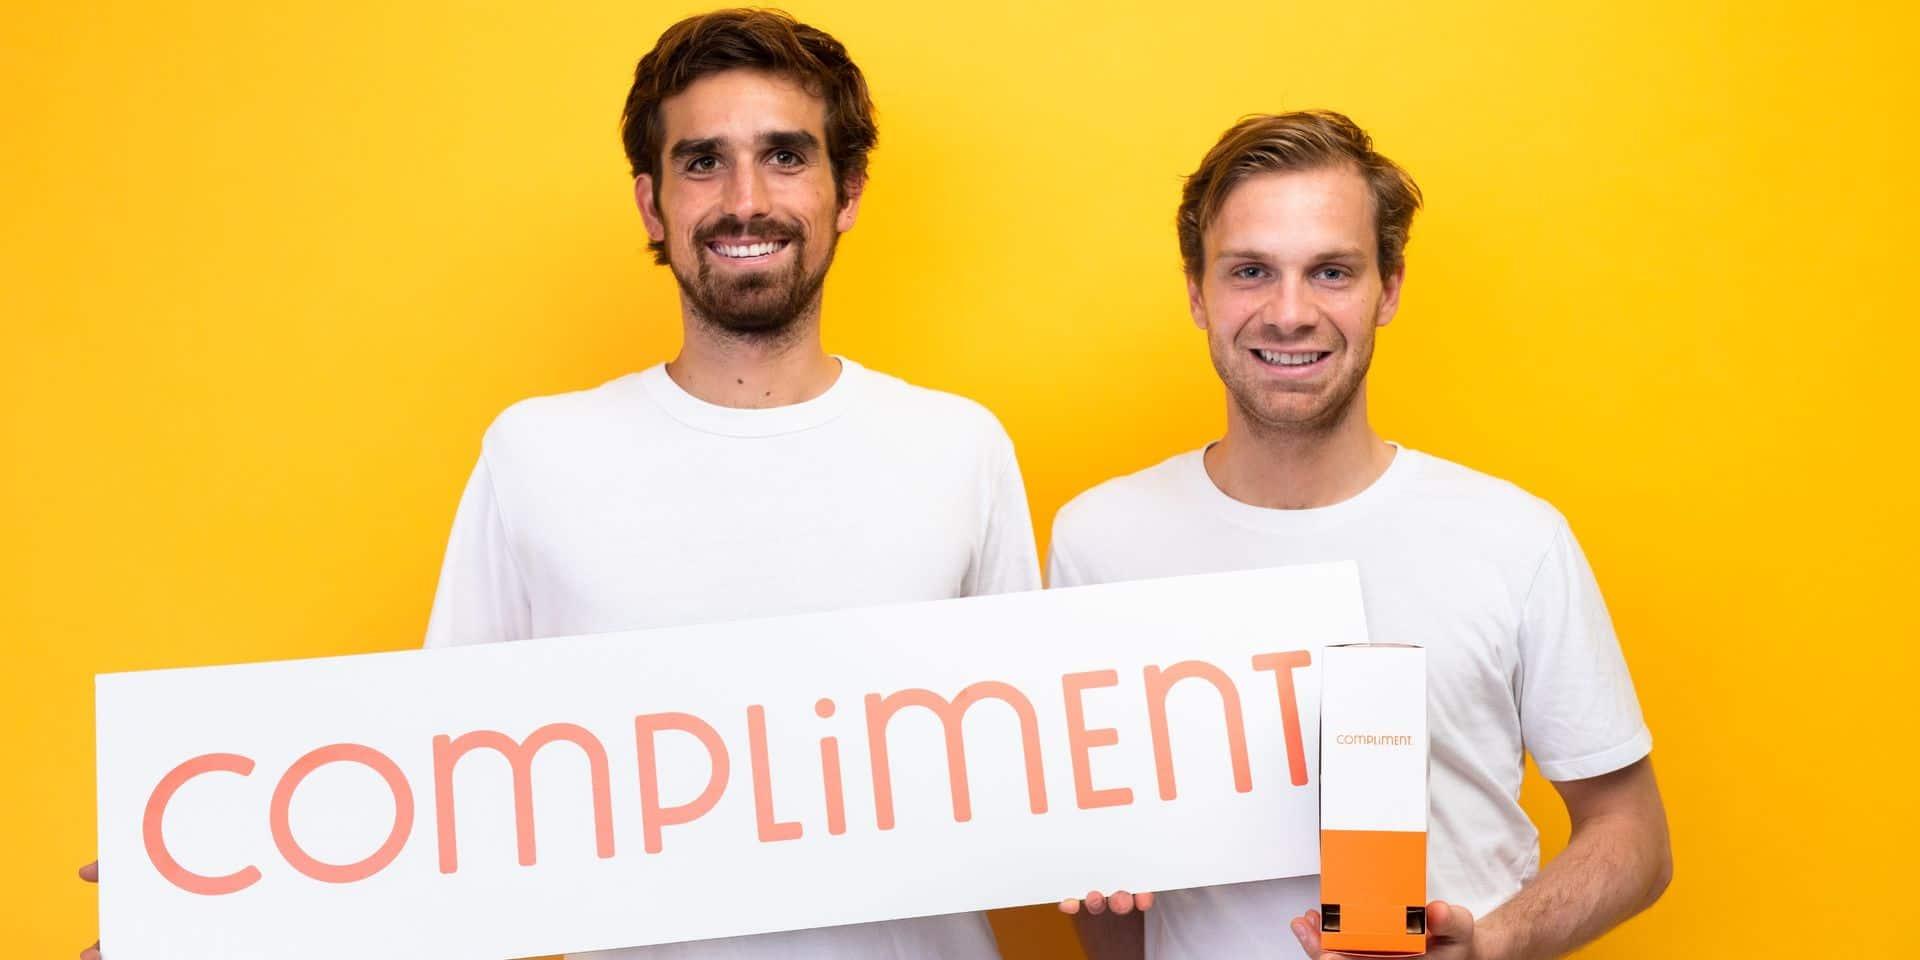 La start-up bruxelloise Compliment se donne les moyens de grandir rapidement et sainement